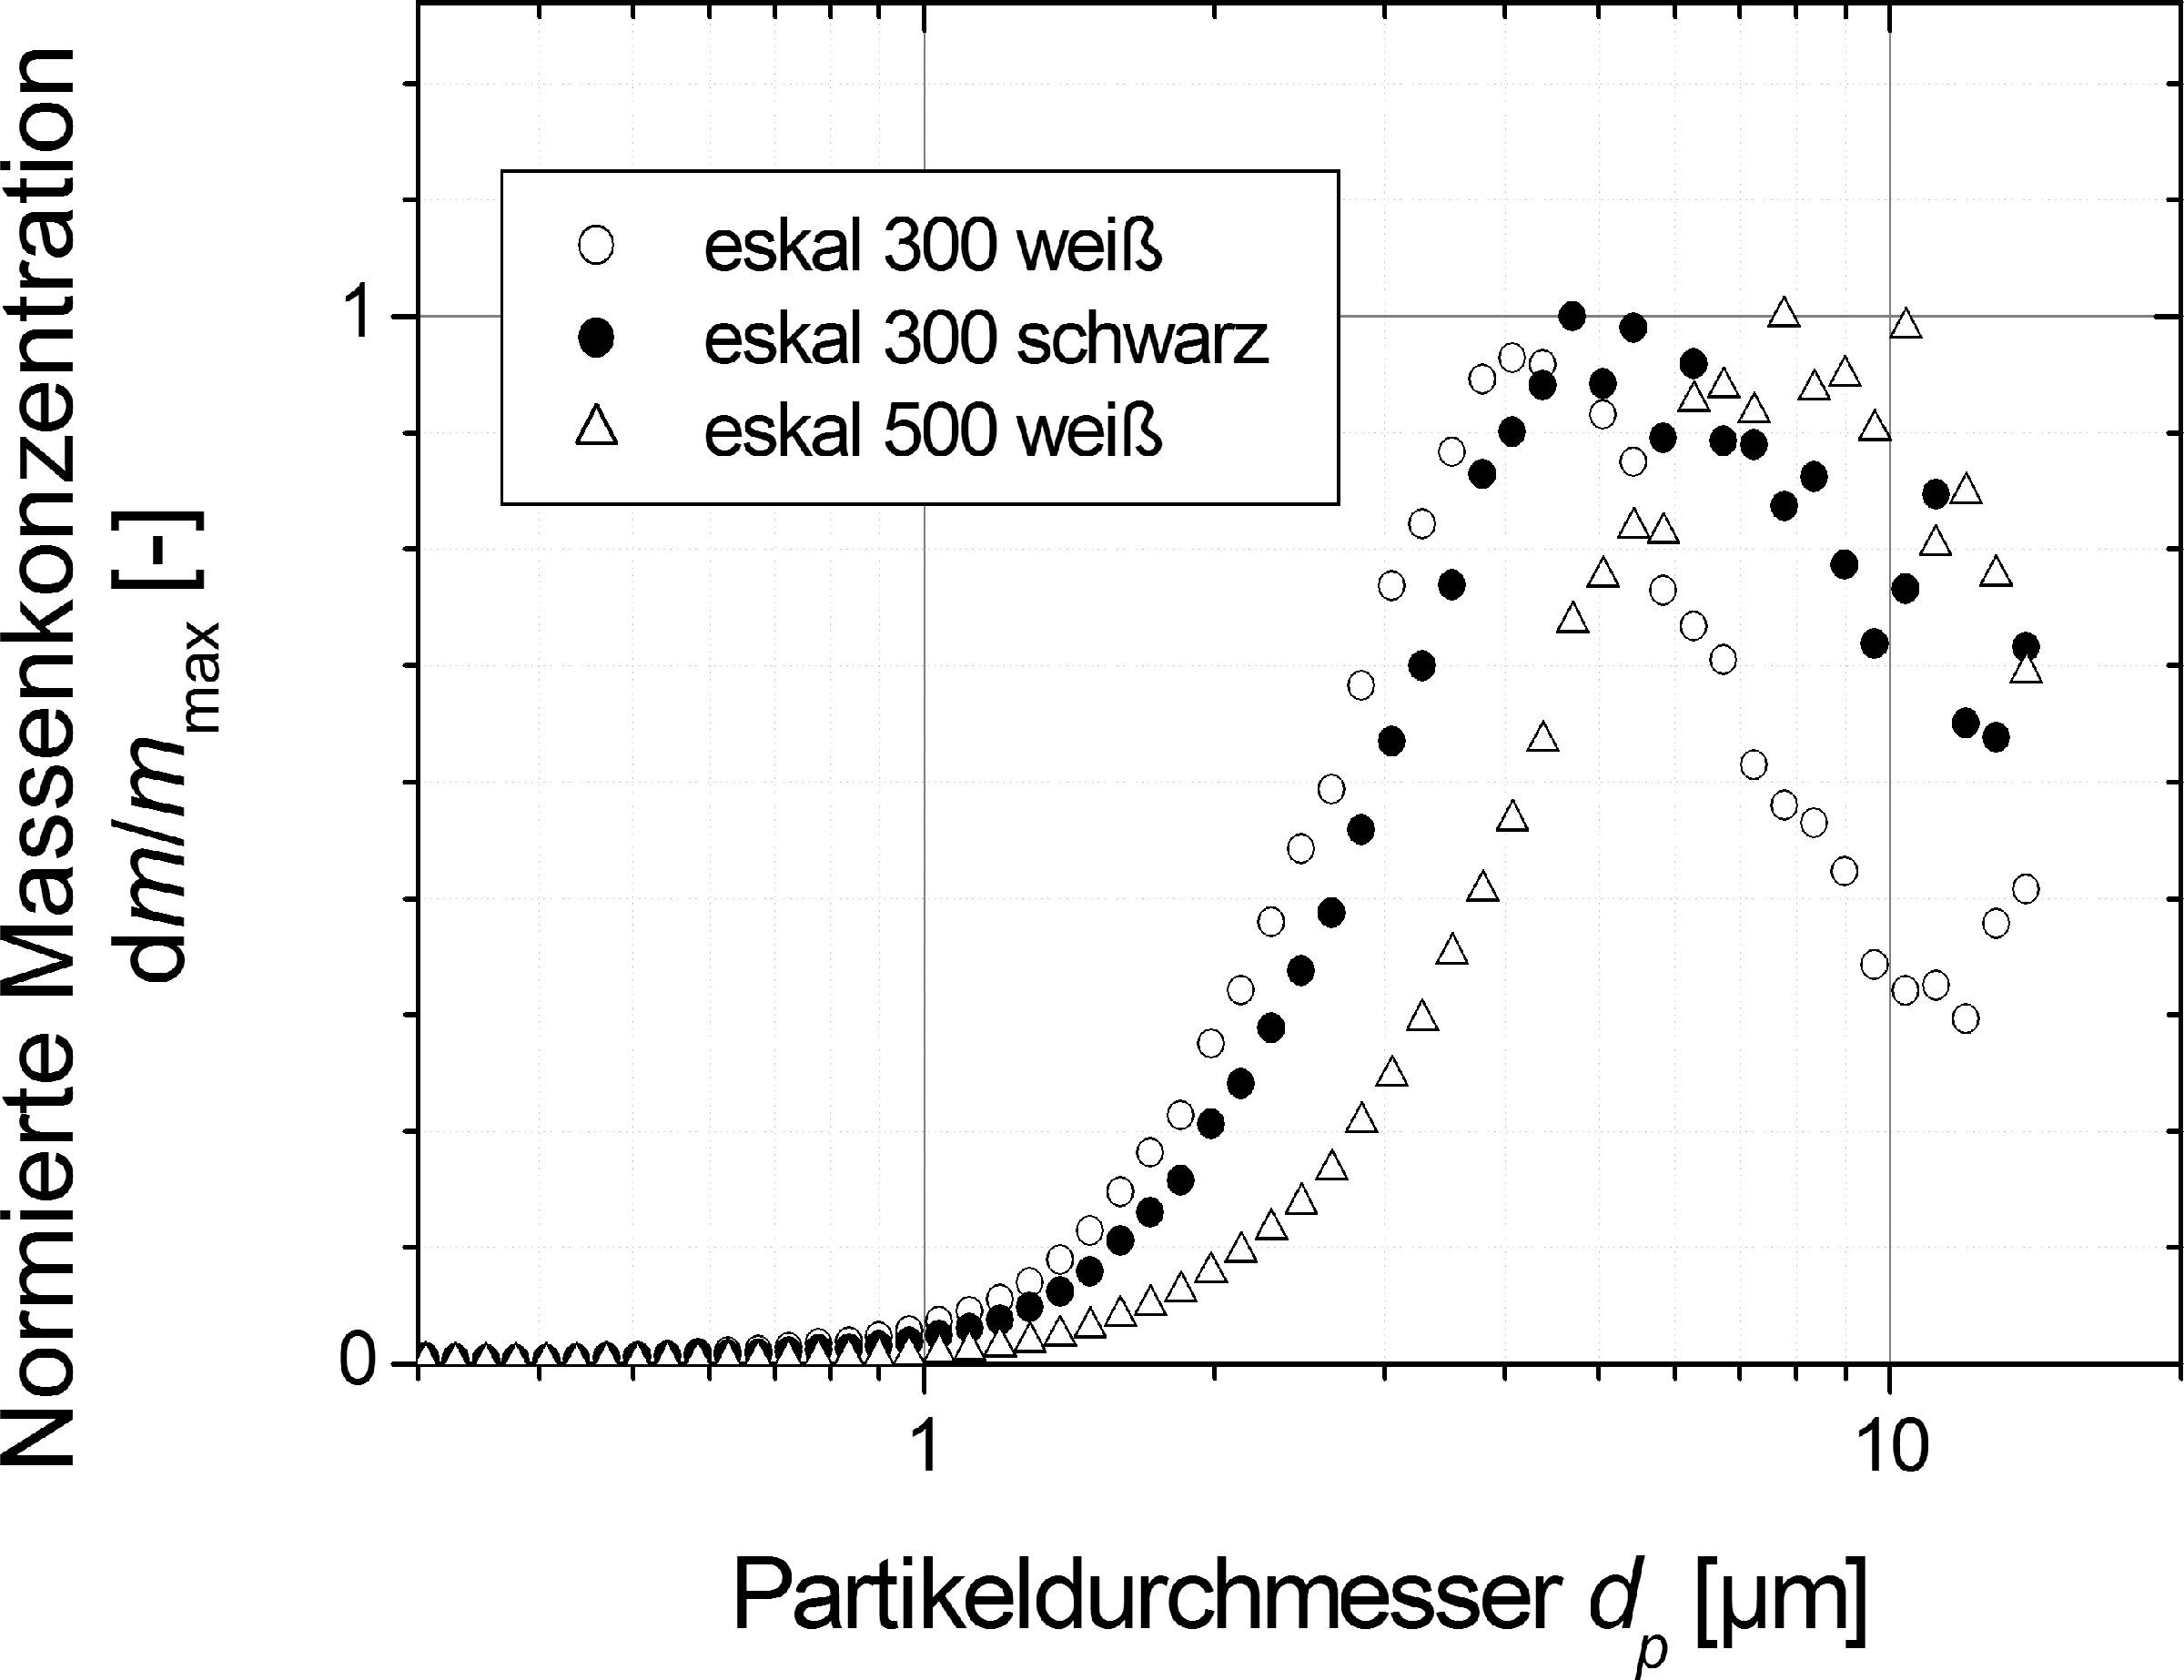 Bild 2. Normierte Massengrößenverteilungen in der Prüfkammer für eskal 300 (weiß und schwarz) sowie eskal 500 (weiß), gemessen mit dem Gerät Fidas Frog. Quelle: IUTA/IGF